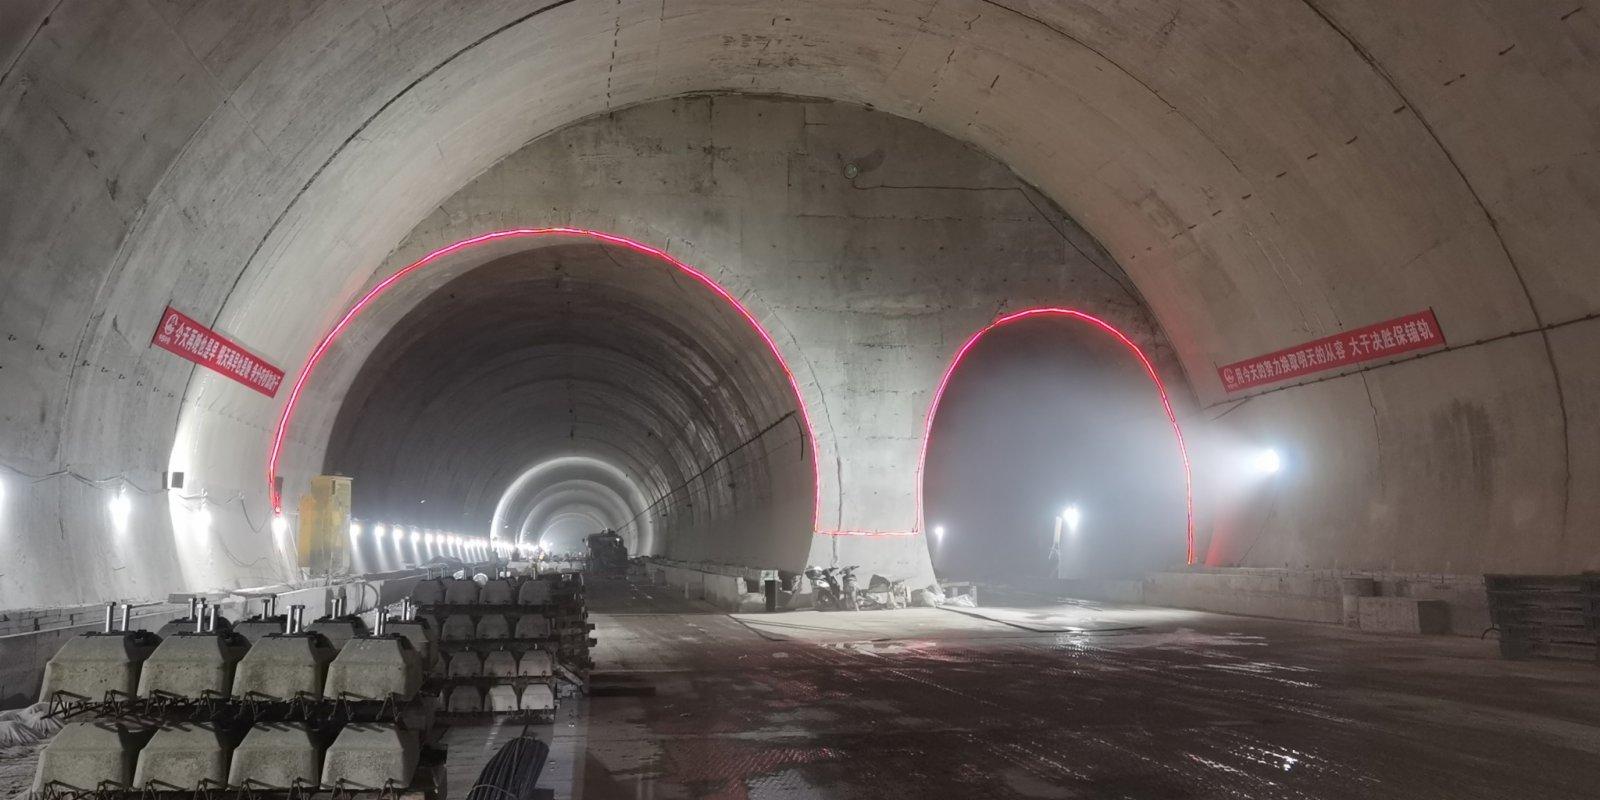 贛深高鐵深圳段年內開通 贛州至深圳縮至2小時